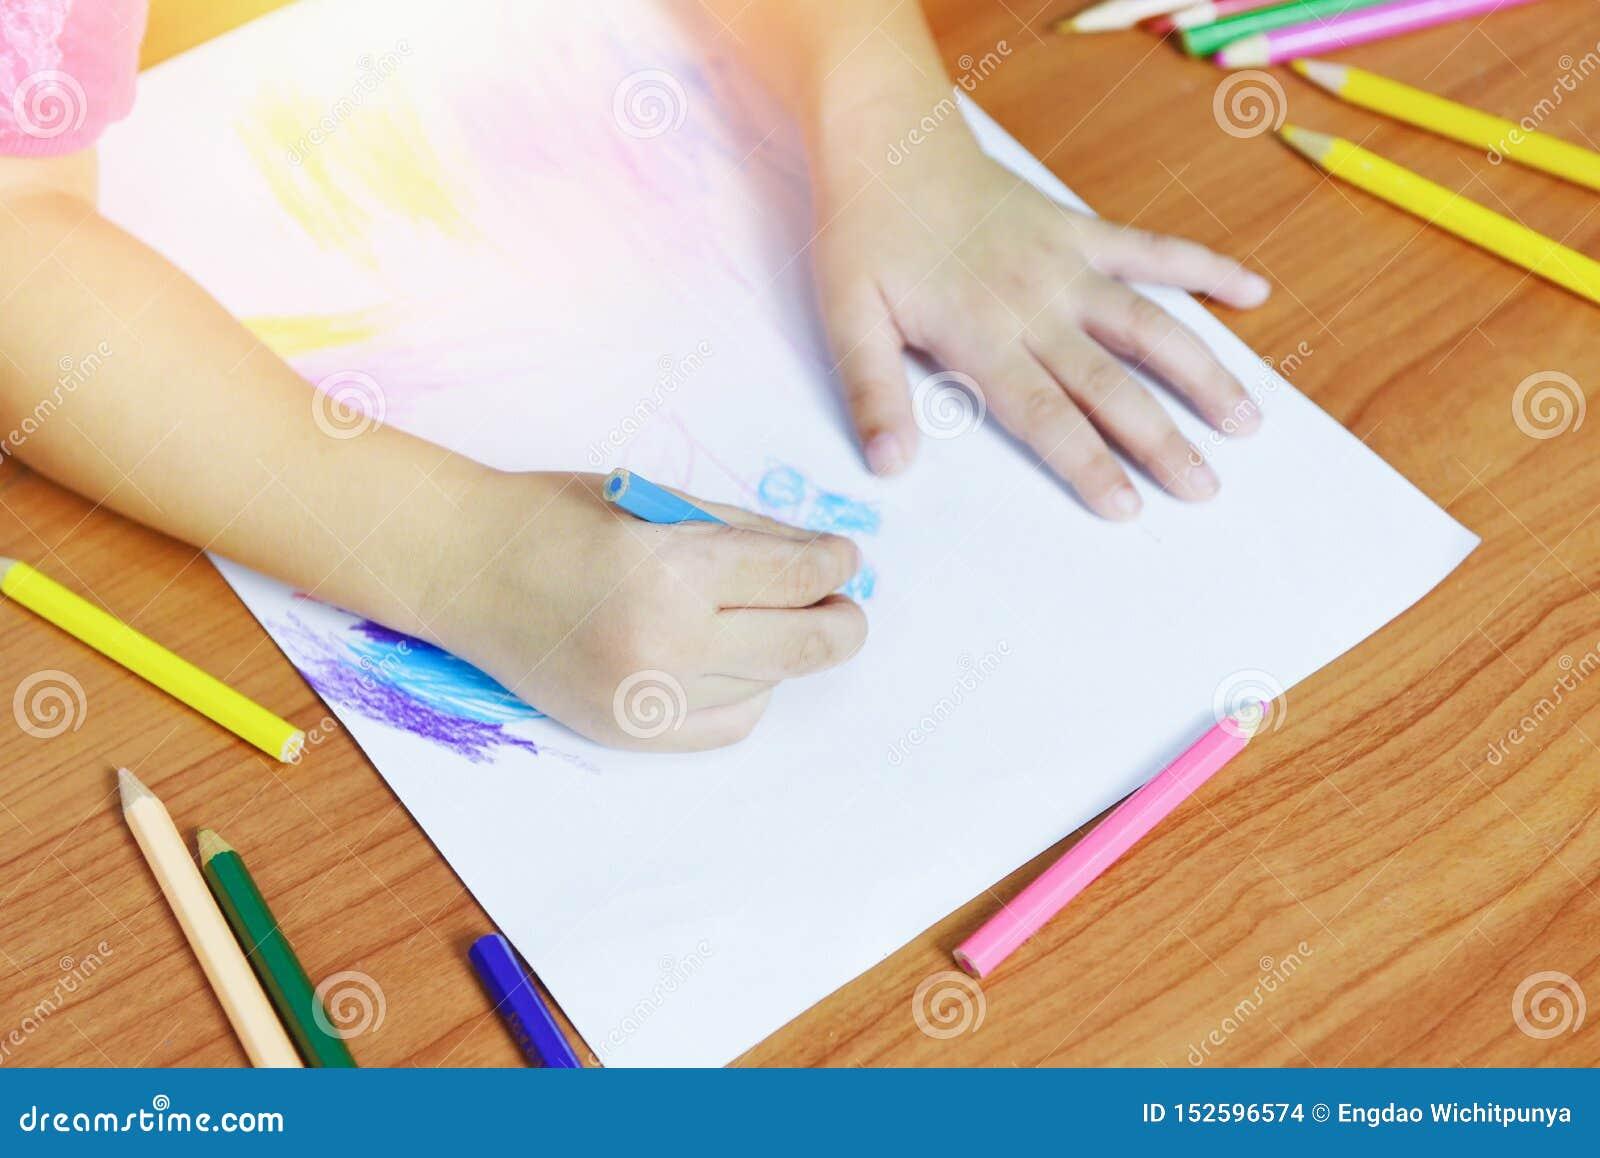 Mädchenmalerei auf Papierblatt mit Farbbleistiften auf dem Kind des Holztischs zu Hause - Kinder, daszeichnendes Bild und bunten